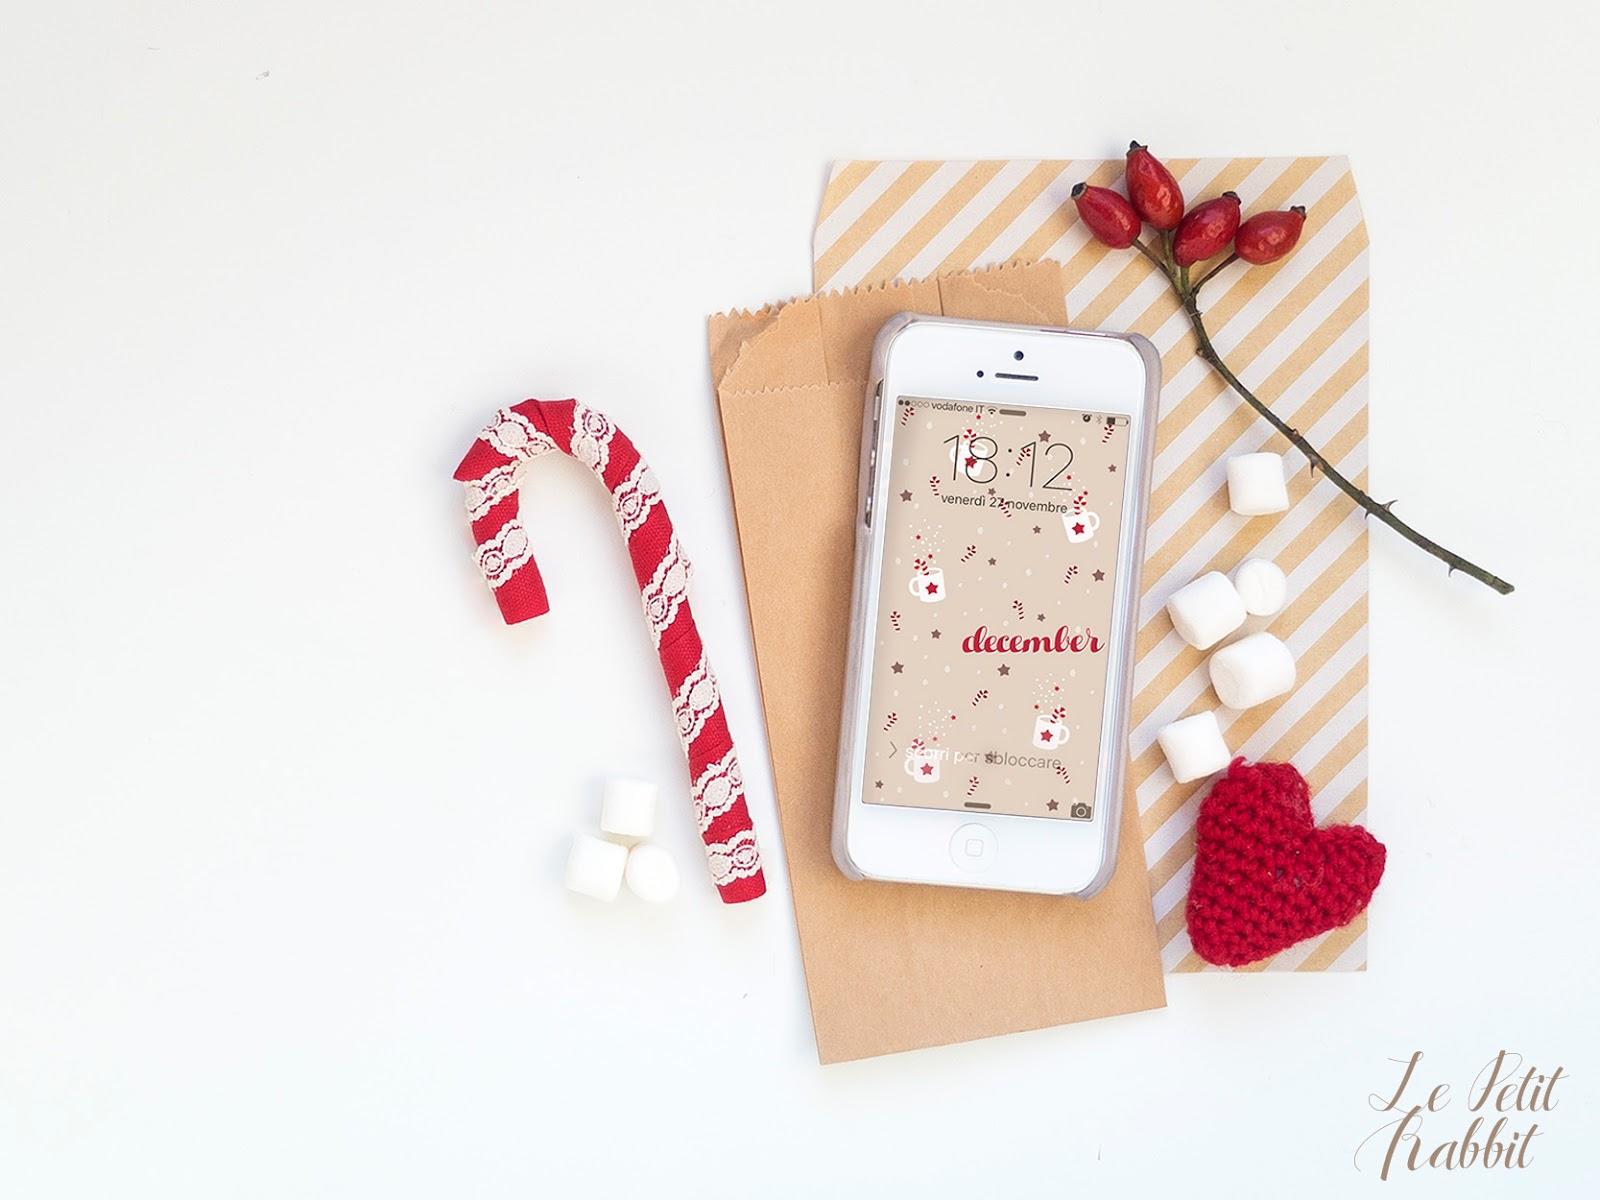 Sfondo Gratuito Smartphone Dicembre 2015 Le Petit Rabbit